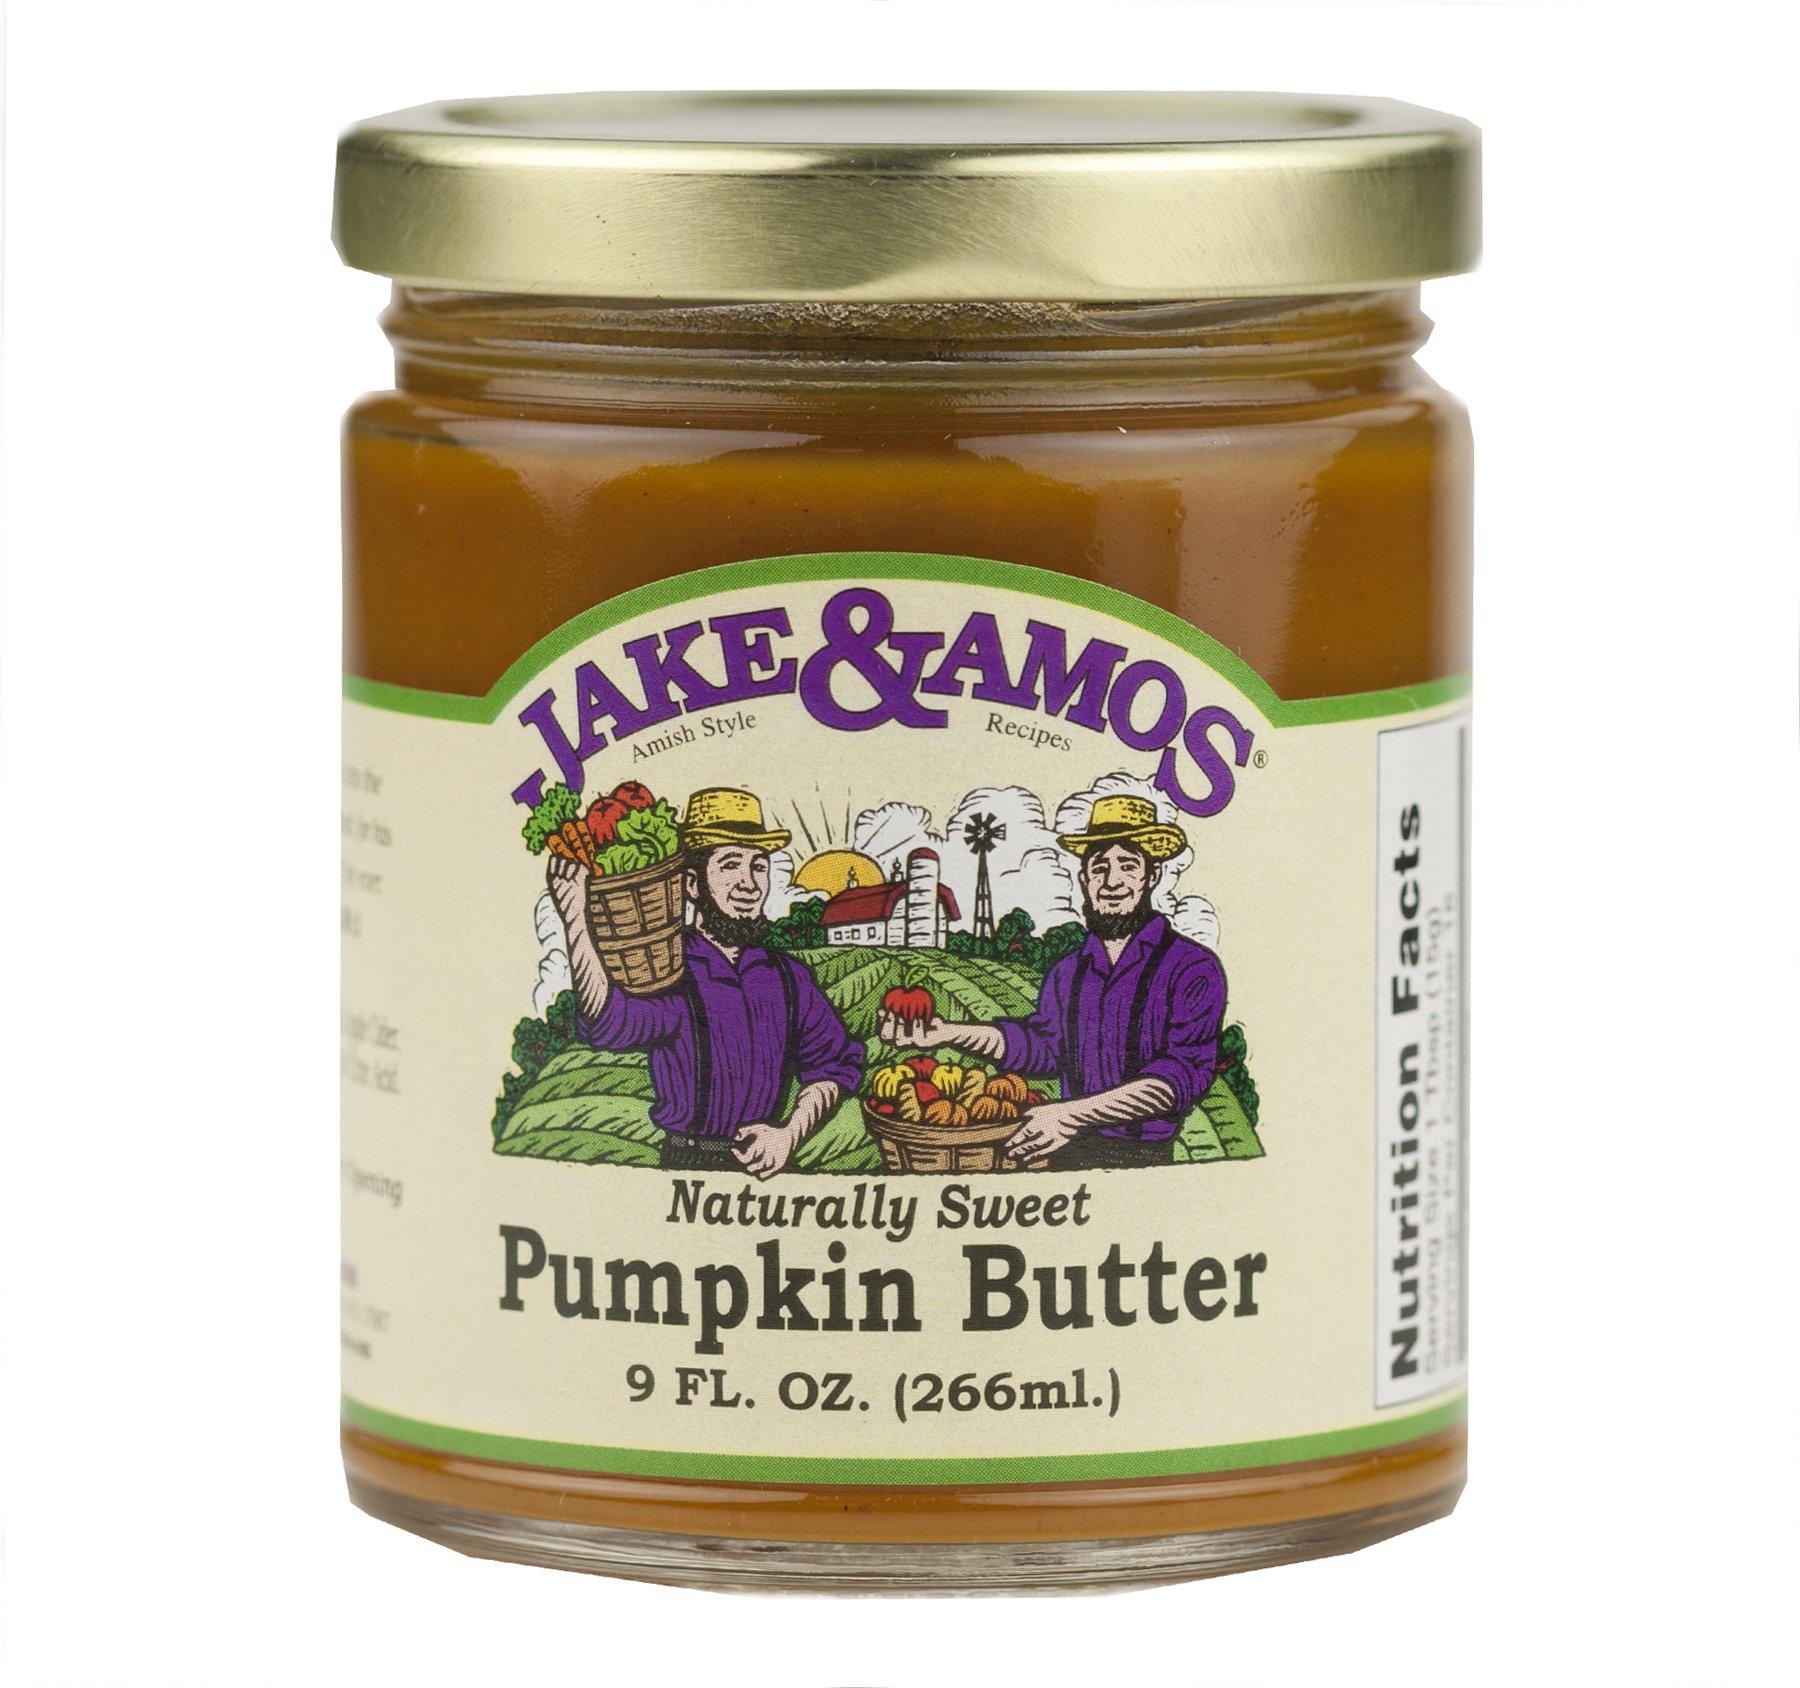 Jake & Amos Naturally Sweet Pumpkin Butter 9 oz. (2 Jars)